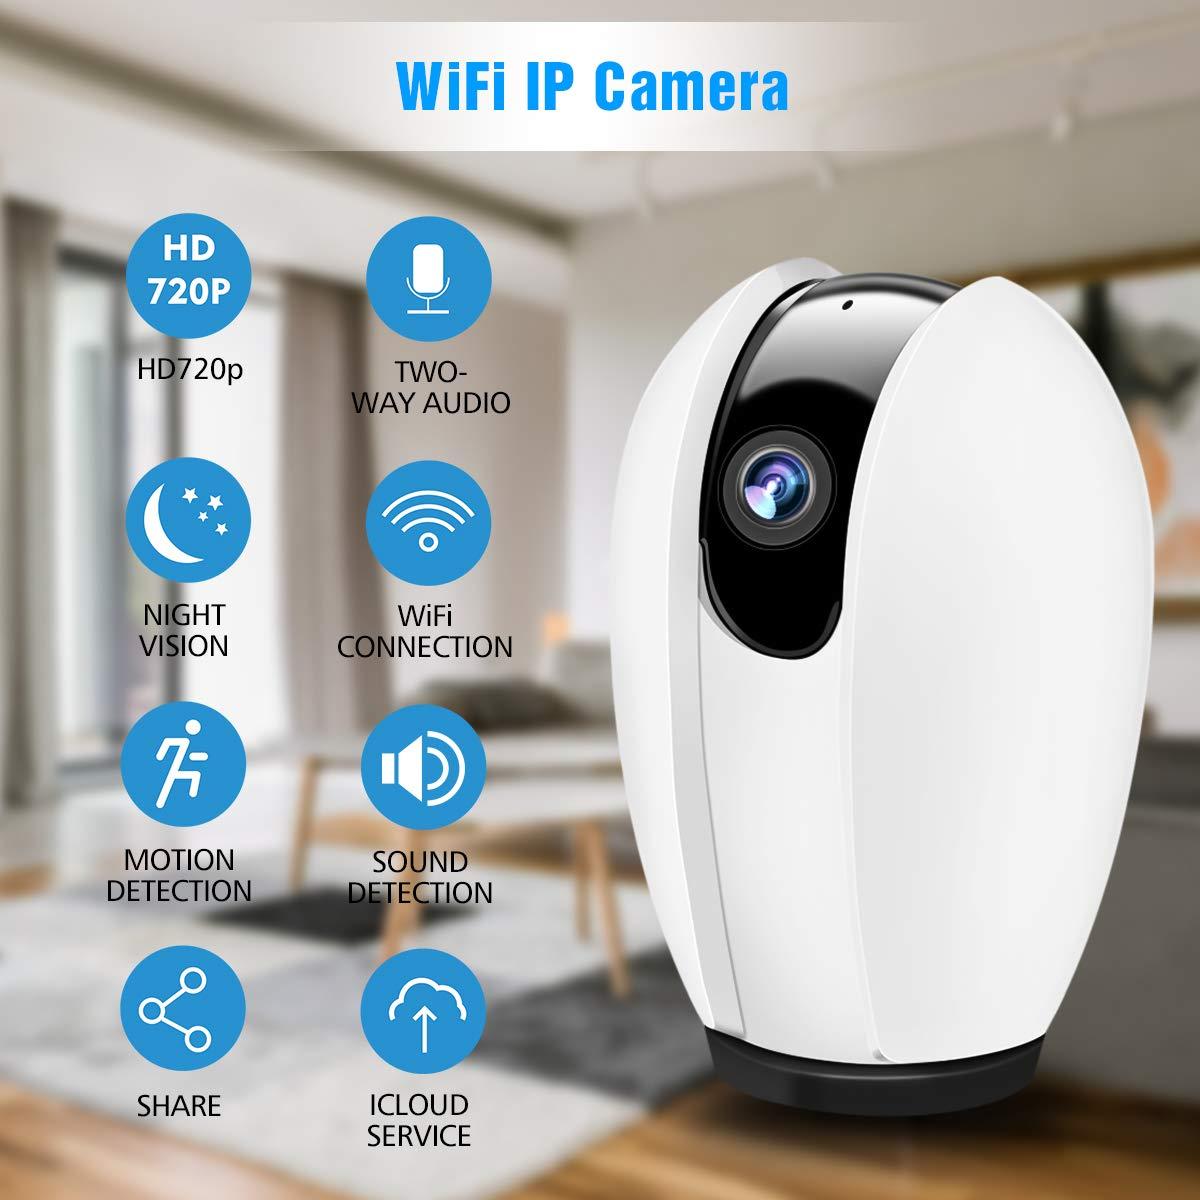 Telecamera WiFi, DIGOO 720P HD Telecamera IP, Telecamera di Sorveglianza Wifi Wireless Camera Interno, Telecamera videosorvegilanza con Audio Bidirezionale,Modalità Notturna a Infrarossi Videocamera di sorveglianza Camera, Camera WIFI Monit